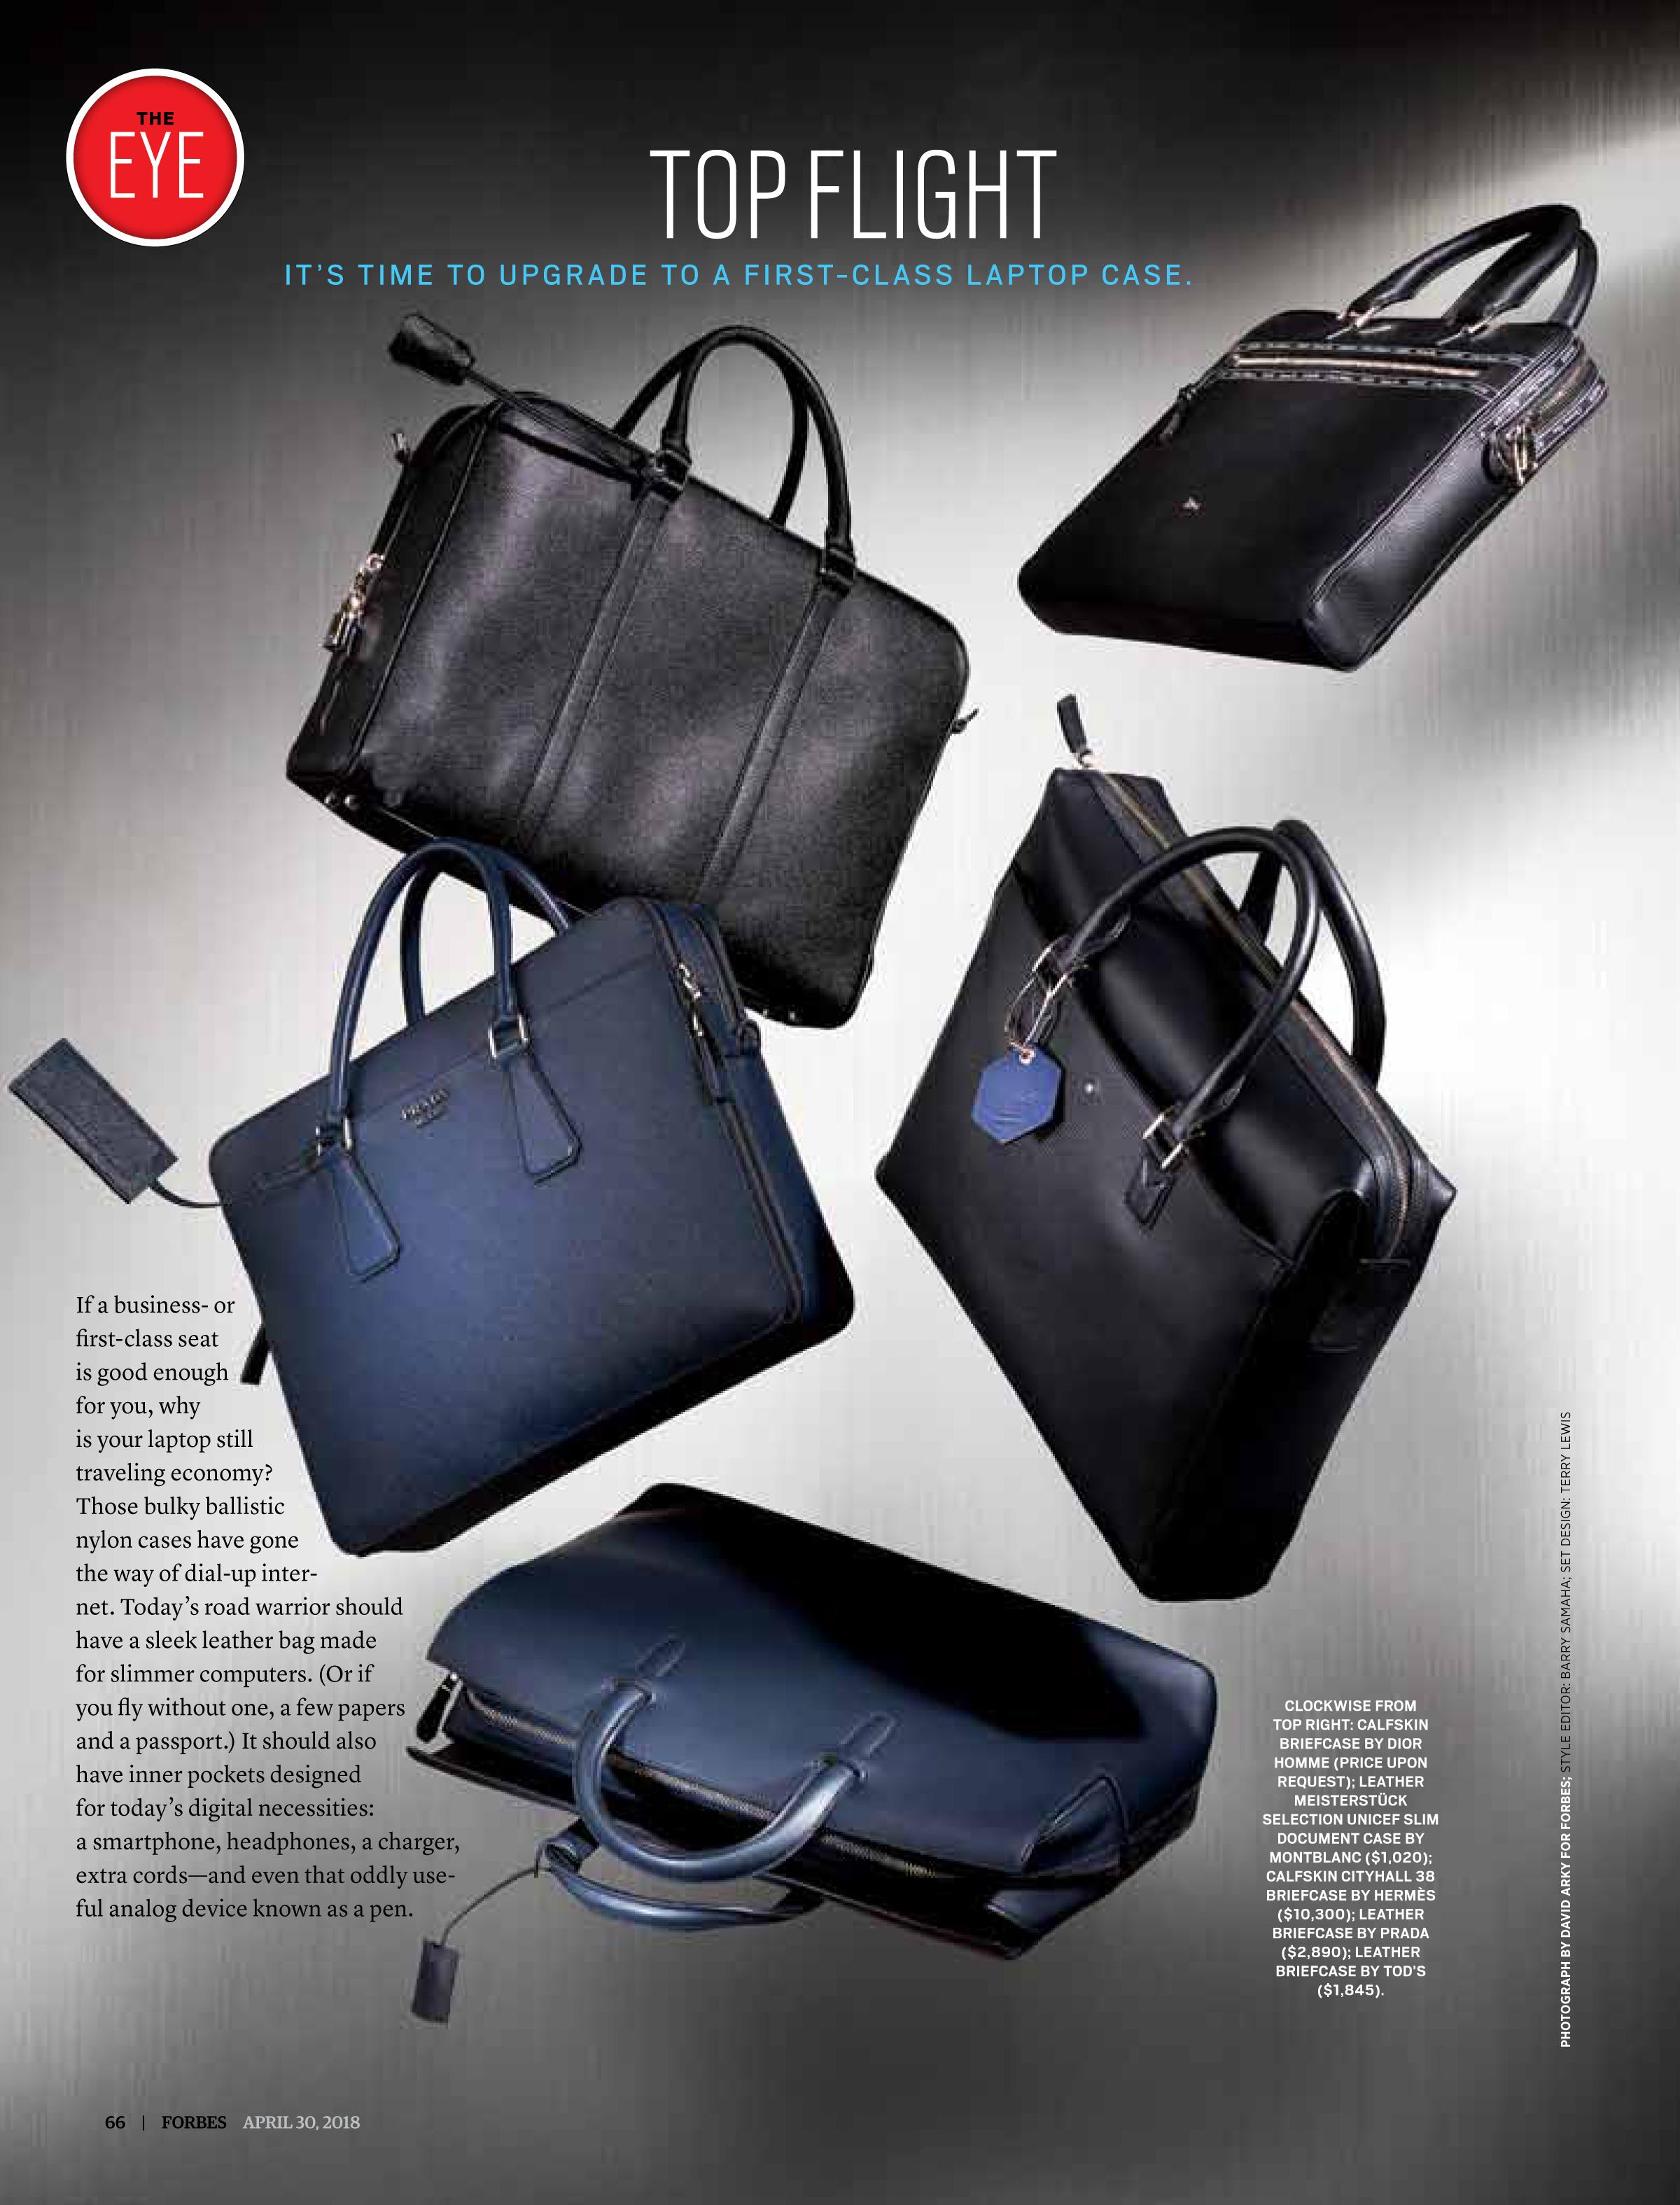 Top Flight: First Class Laptop Bags